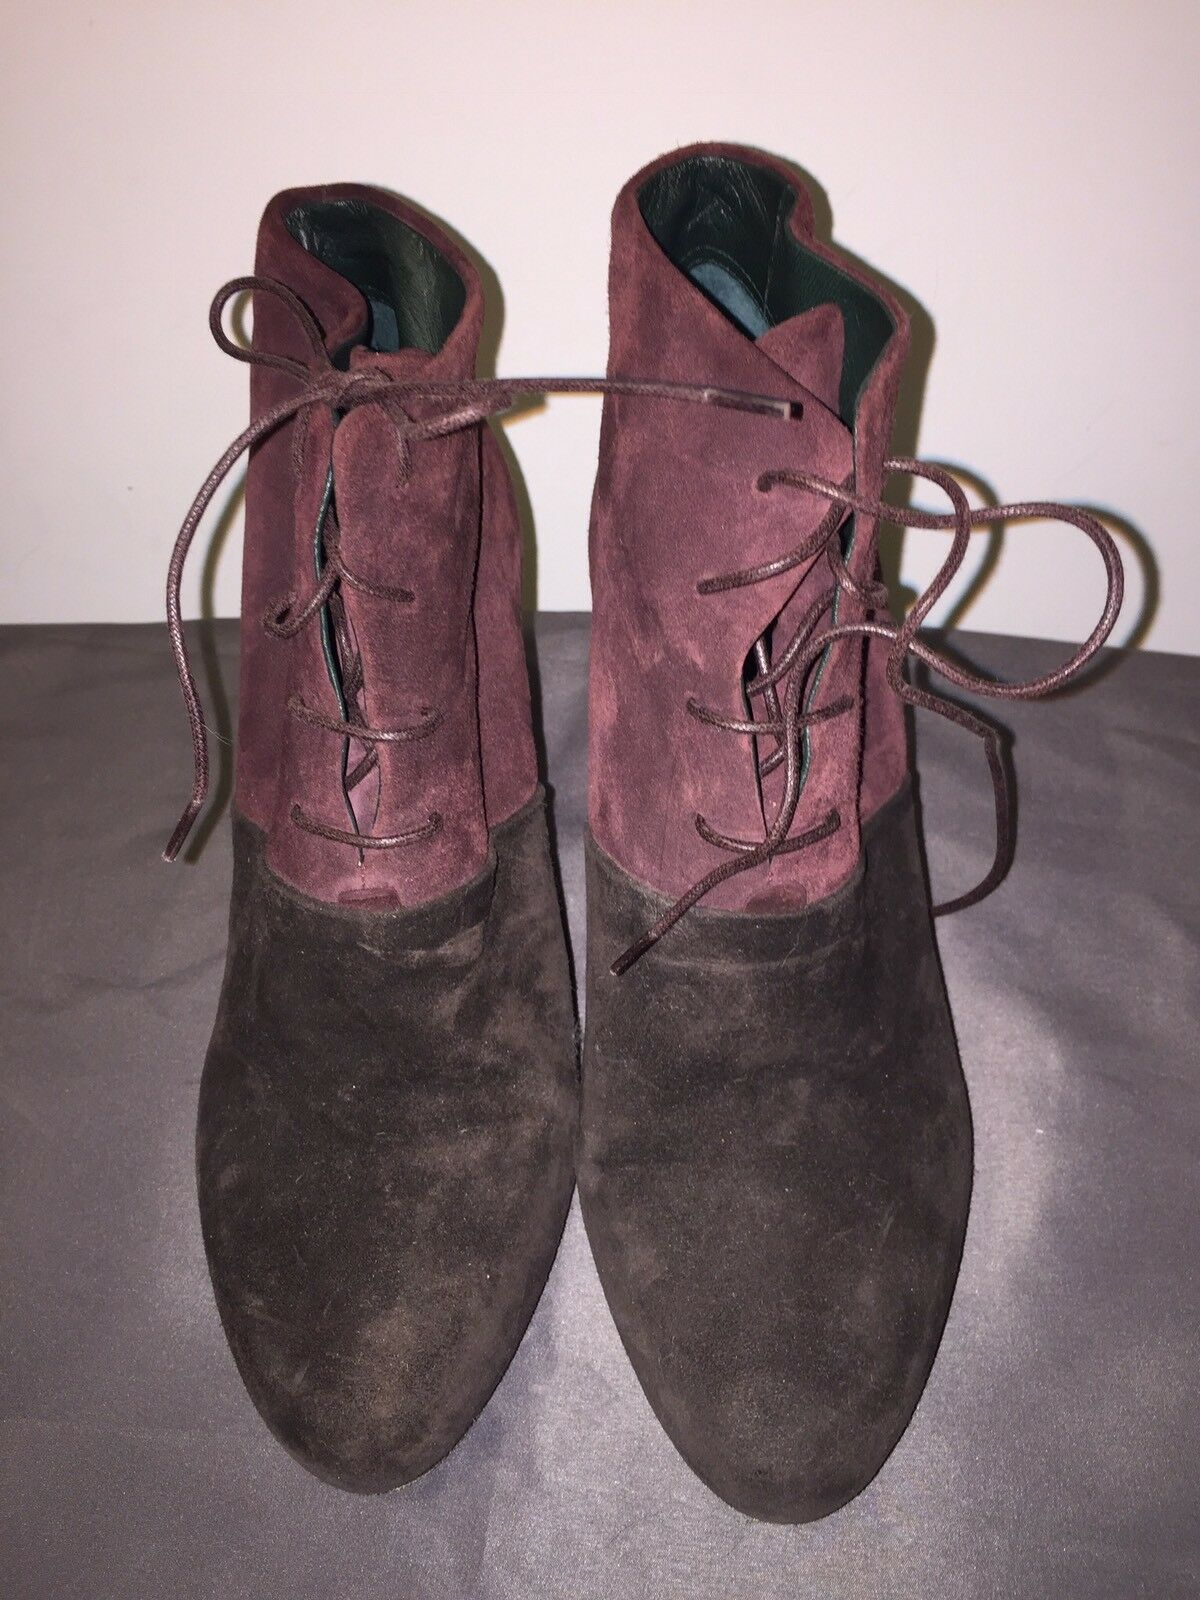 Jil Sander 21154 Women US 8.5 Brown Ankle Wedge Boot